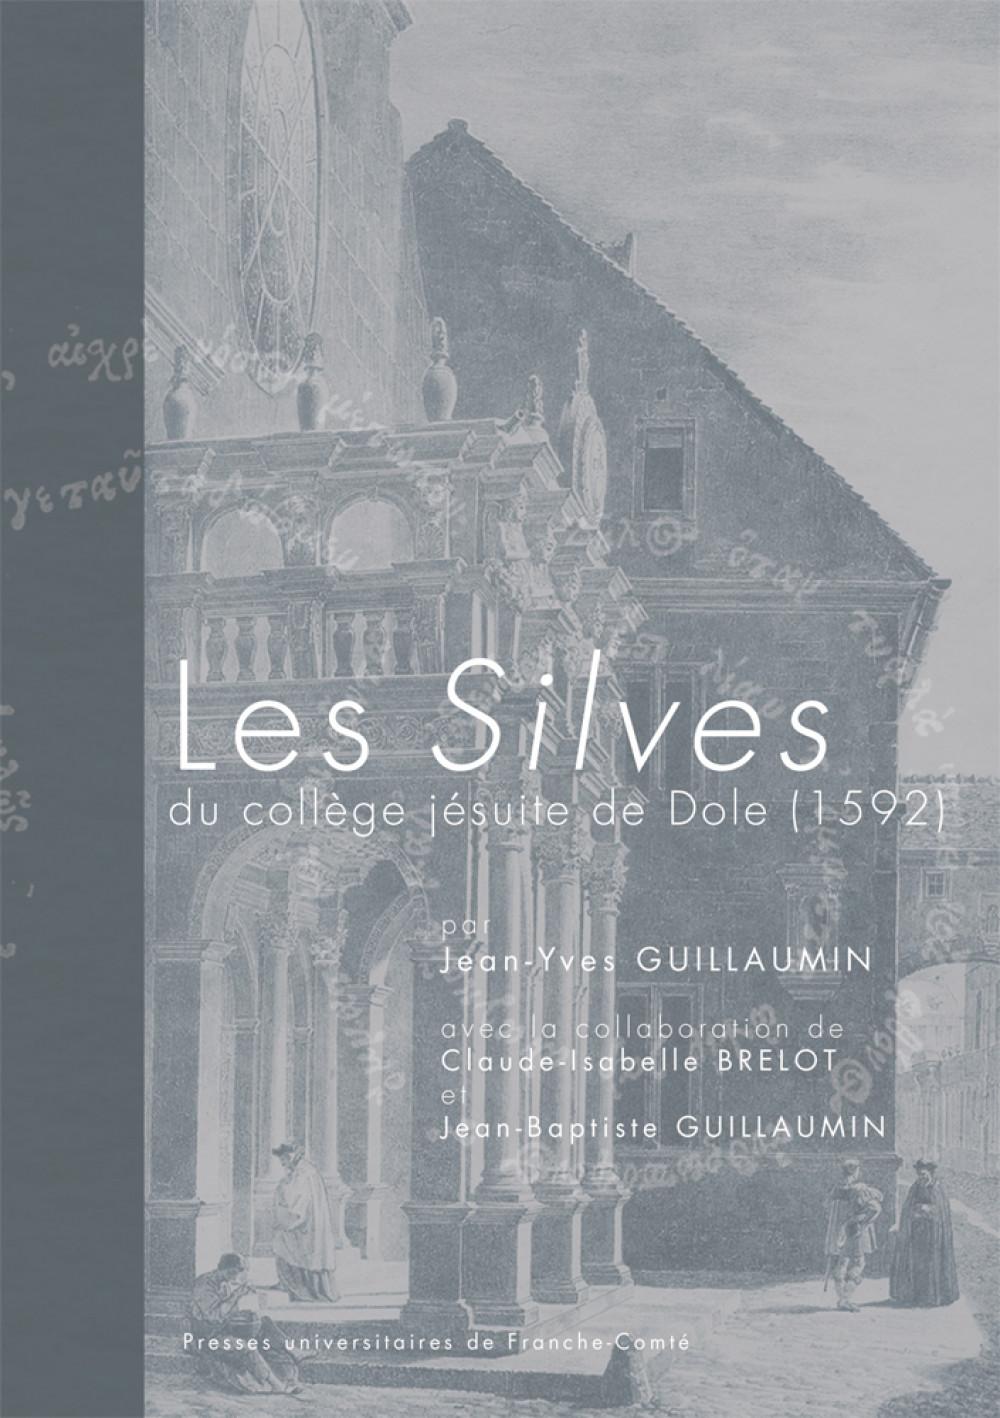 Les <I> Silves</i> du collège jésuite de Dole (1592)